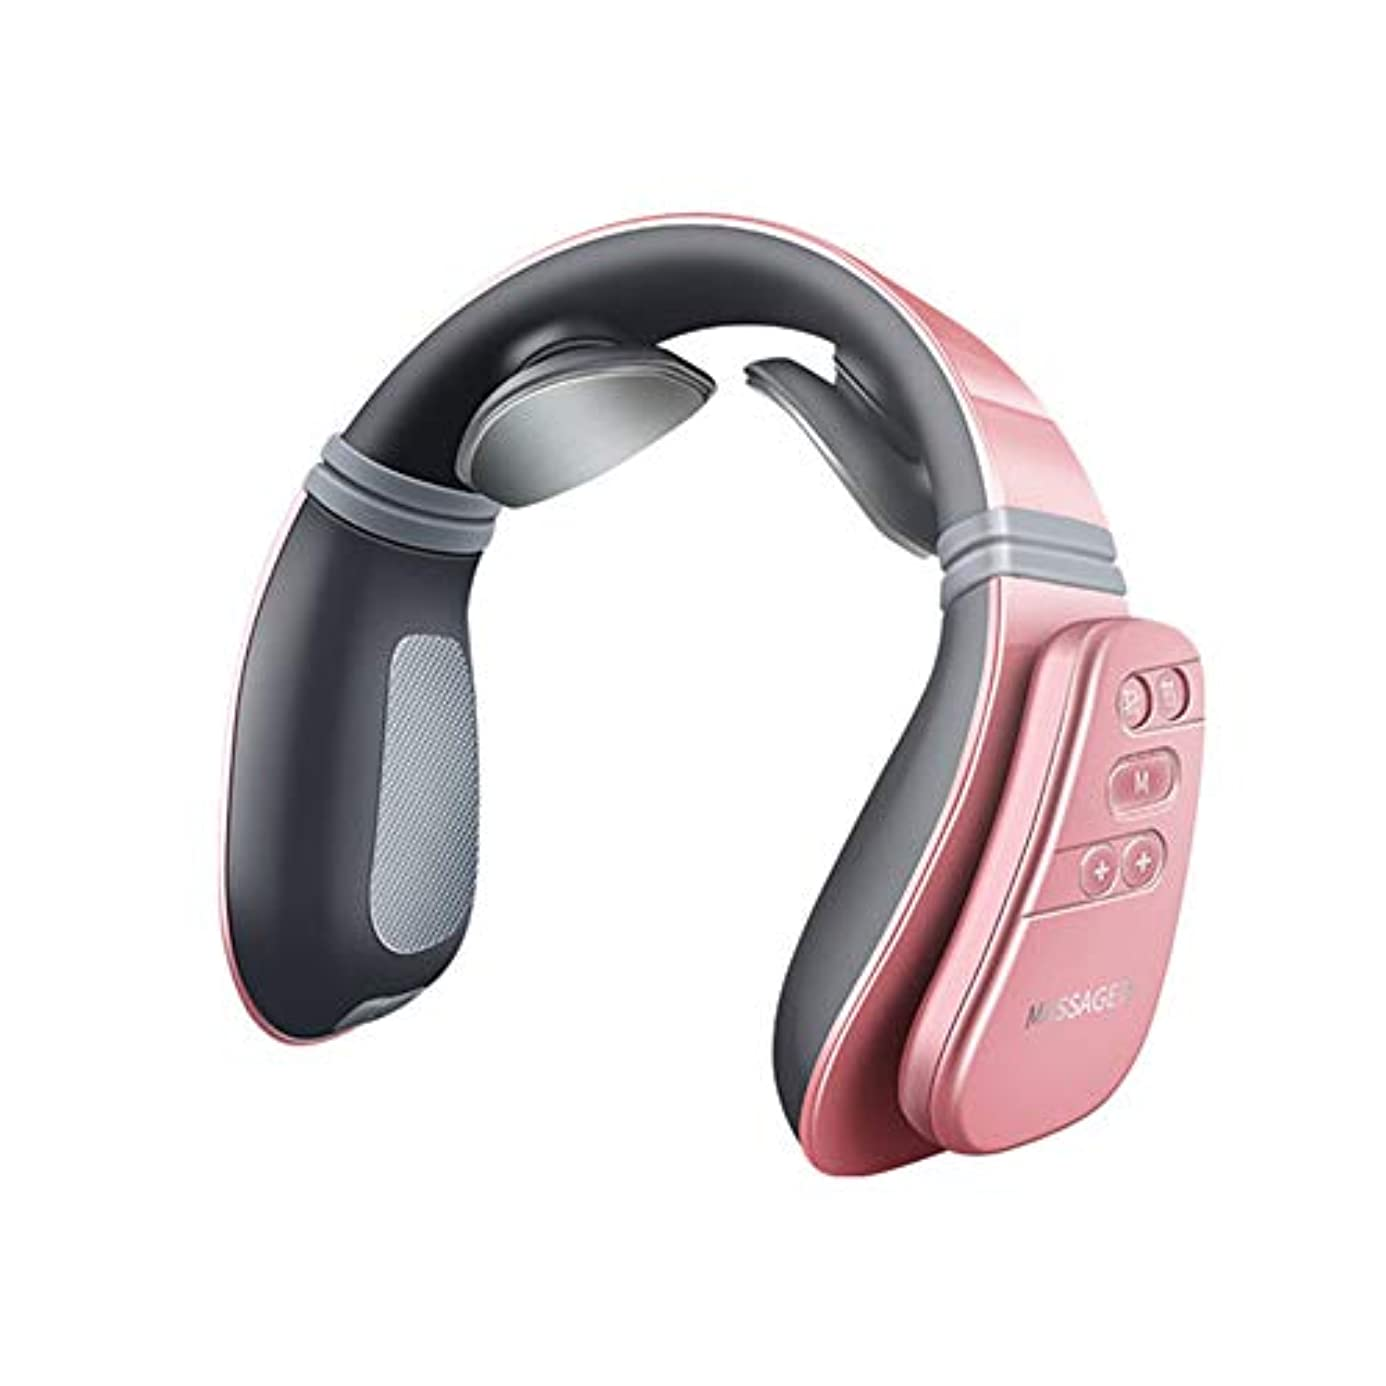 壁紙蜜ネズミ頸椎理学無線遠隔電気パルス頚椎マッサージ多機能ネックマッサージ,ピンク